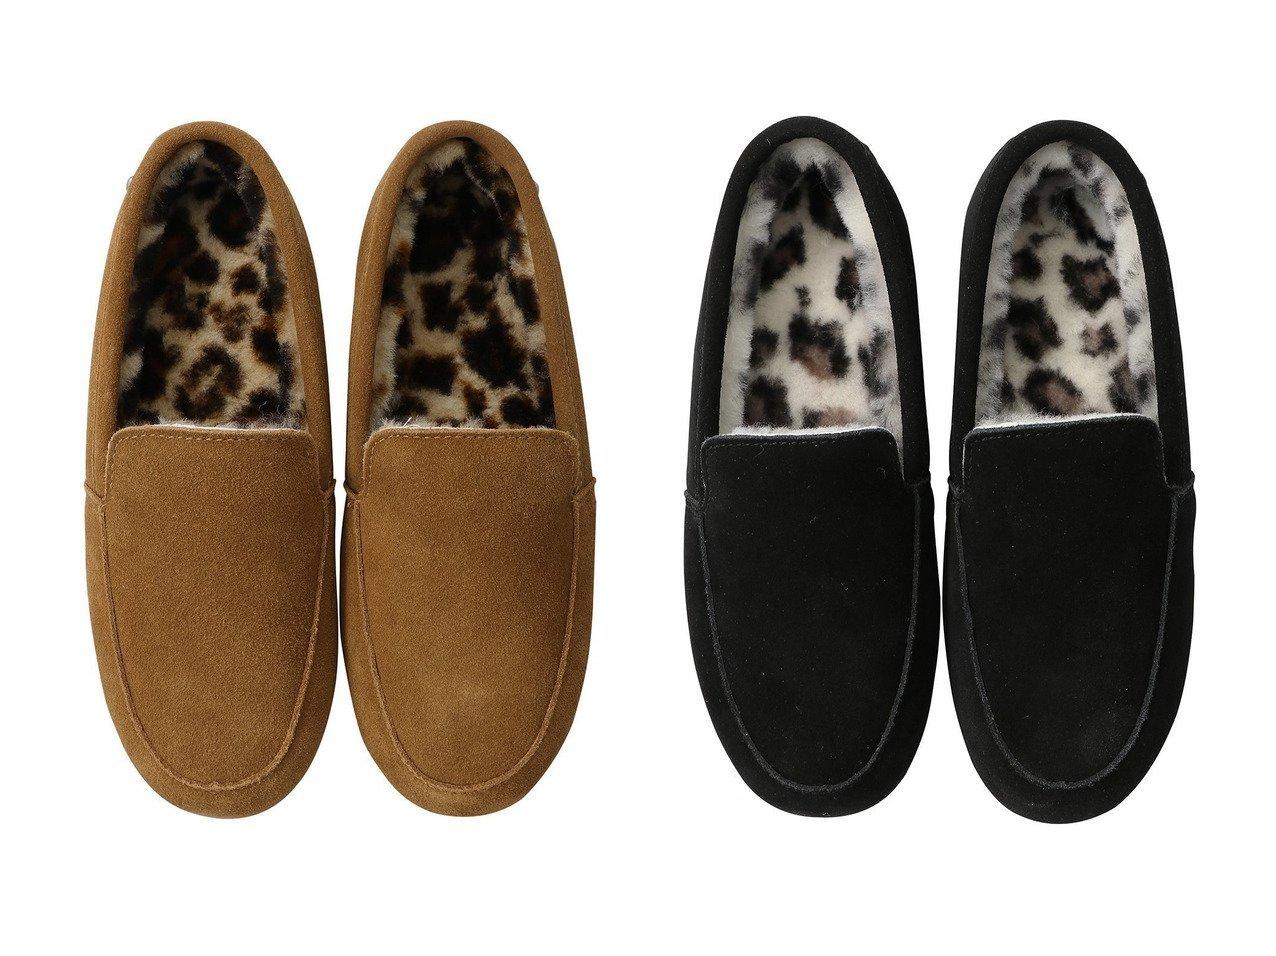 【EMU Australia/エミュ オーストラリア】のCrossley Animal2.0 モカシン 【シューズ・靴】おすすめ!人気、トレンド・レディースファッションの通販 おすすめで人気の流行・トレンド、ファッションの通販商品 インテリア・家具・メンズファッション・キッズファッション・レディースファッション・服の通販 founy(ファニー) https://founy.com/ ファッション Fashion レディースファッション WOMEN シューズ スエード フラット レオパード |ID:crp329100000072569